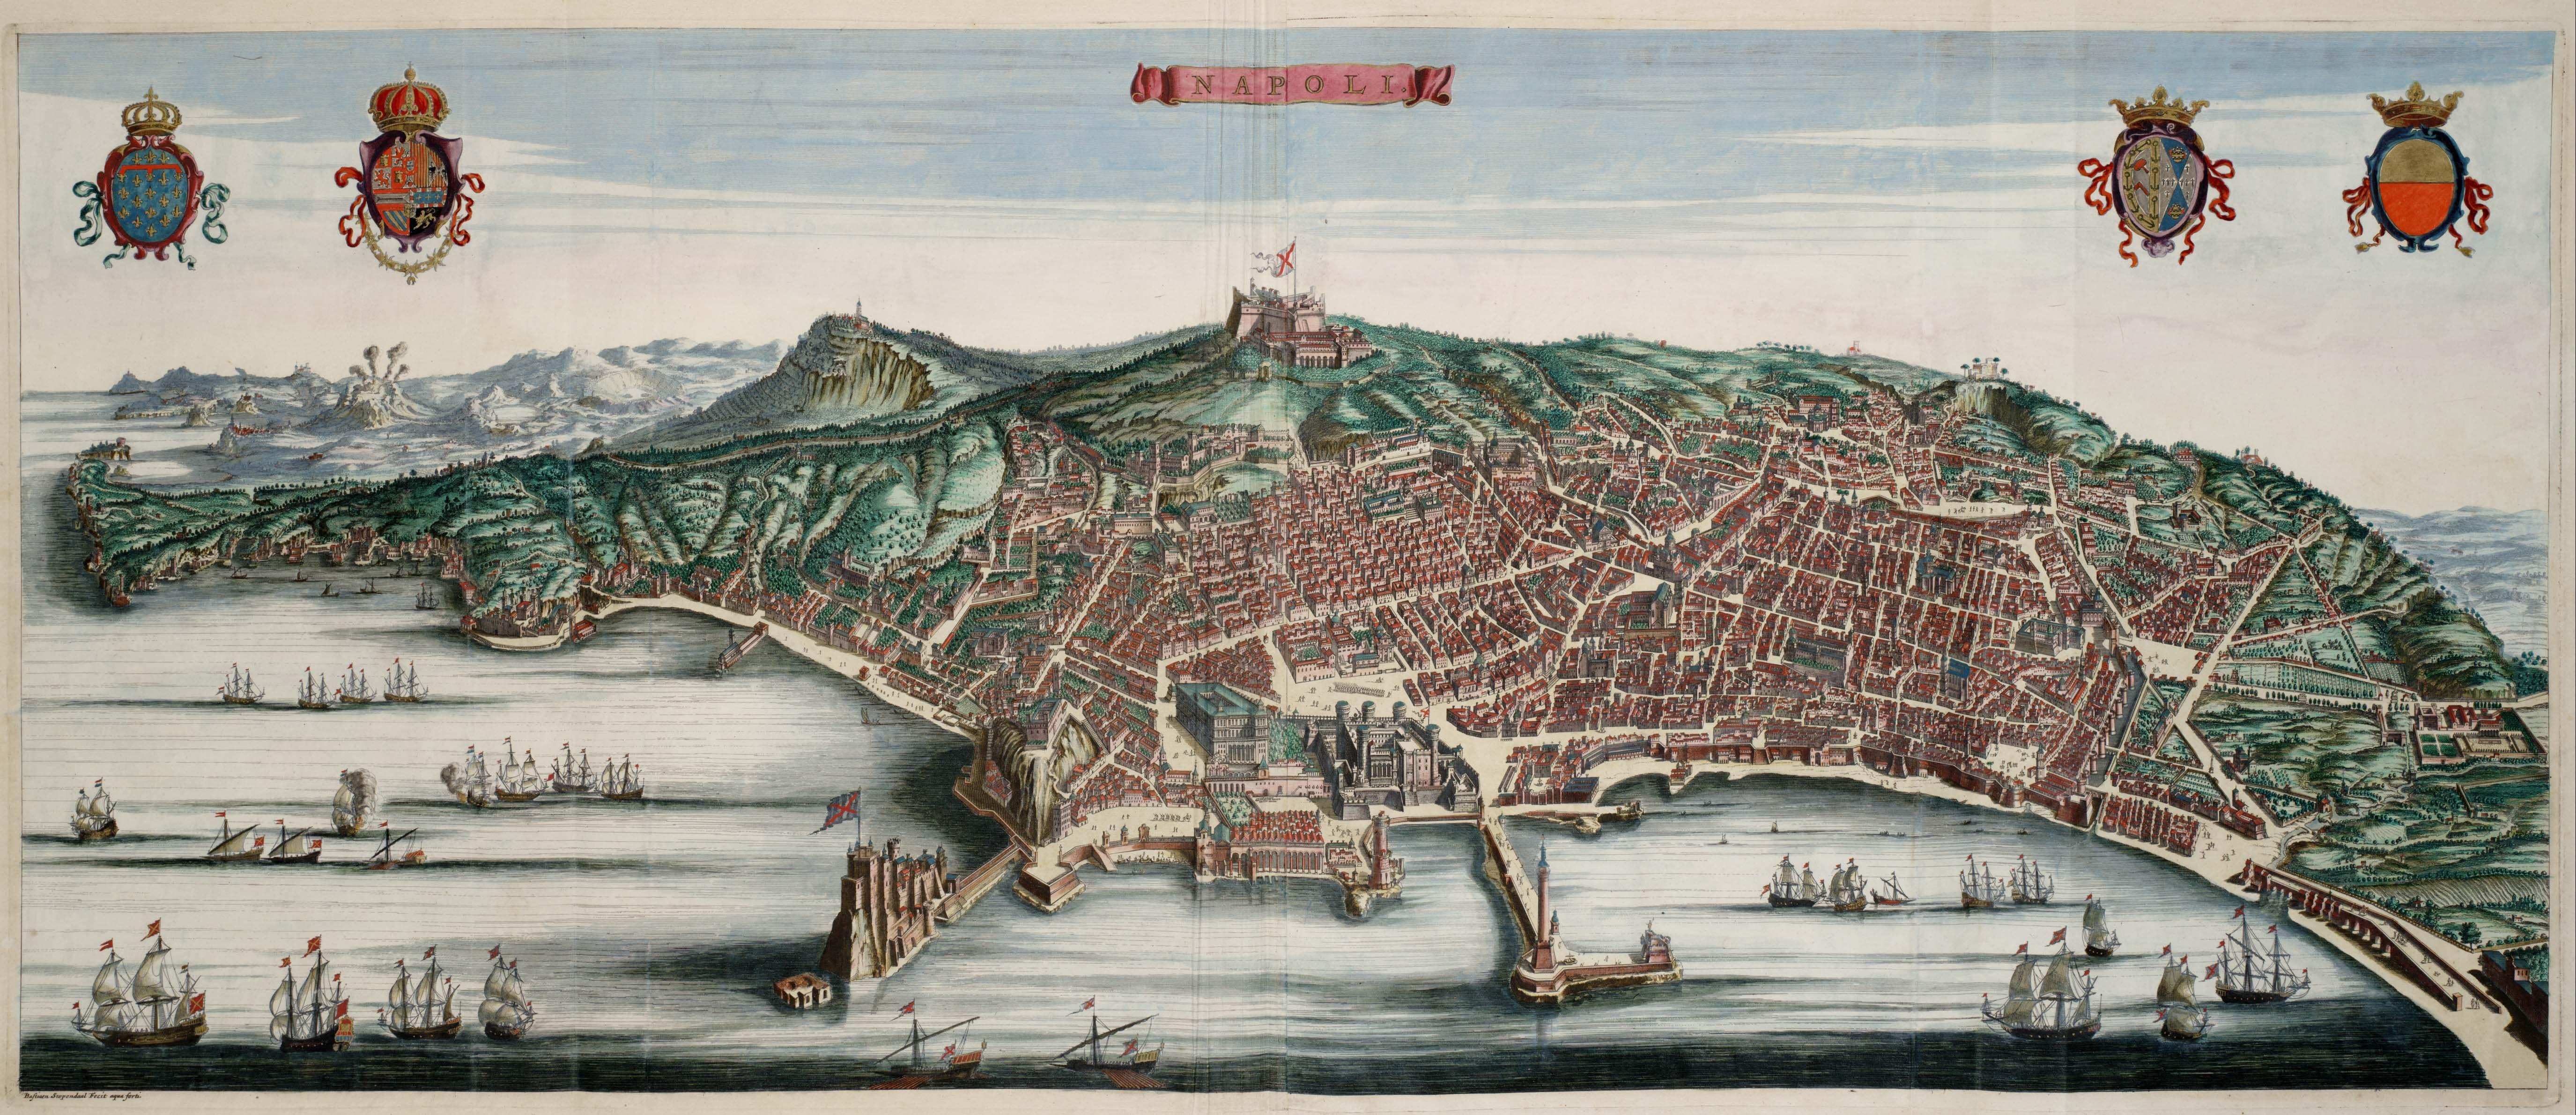 La Cartina Di Napoli.Il Cielo Di Napoli Sezione Topografica Mappa Dell Italia Napoli Viaggio